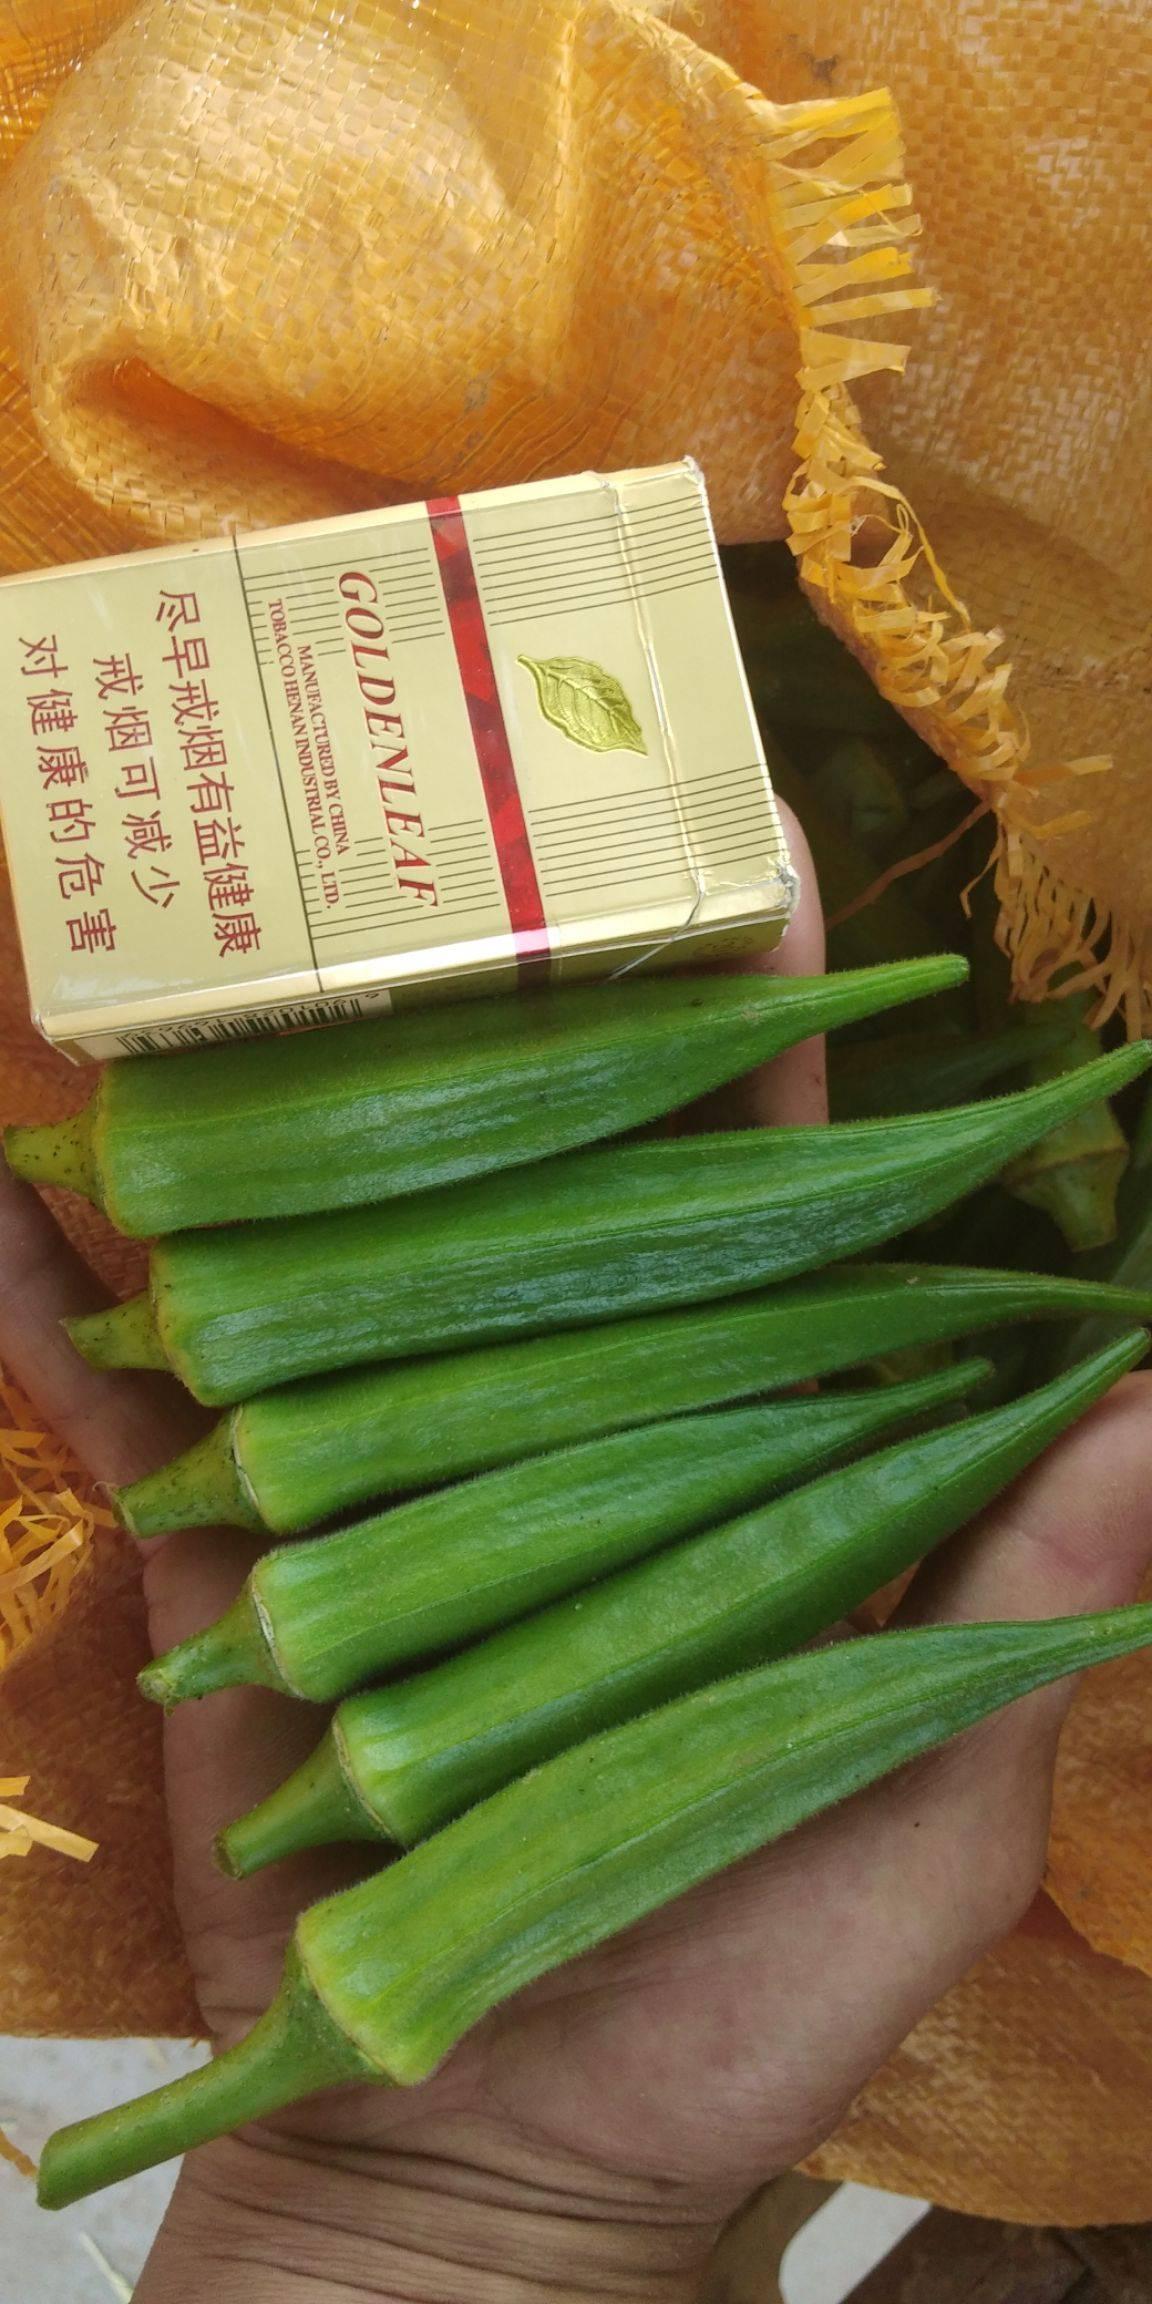 水果秋葵 10 - 12cm